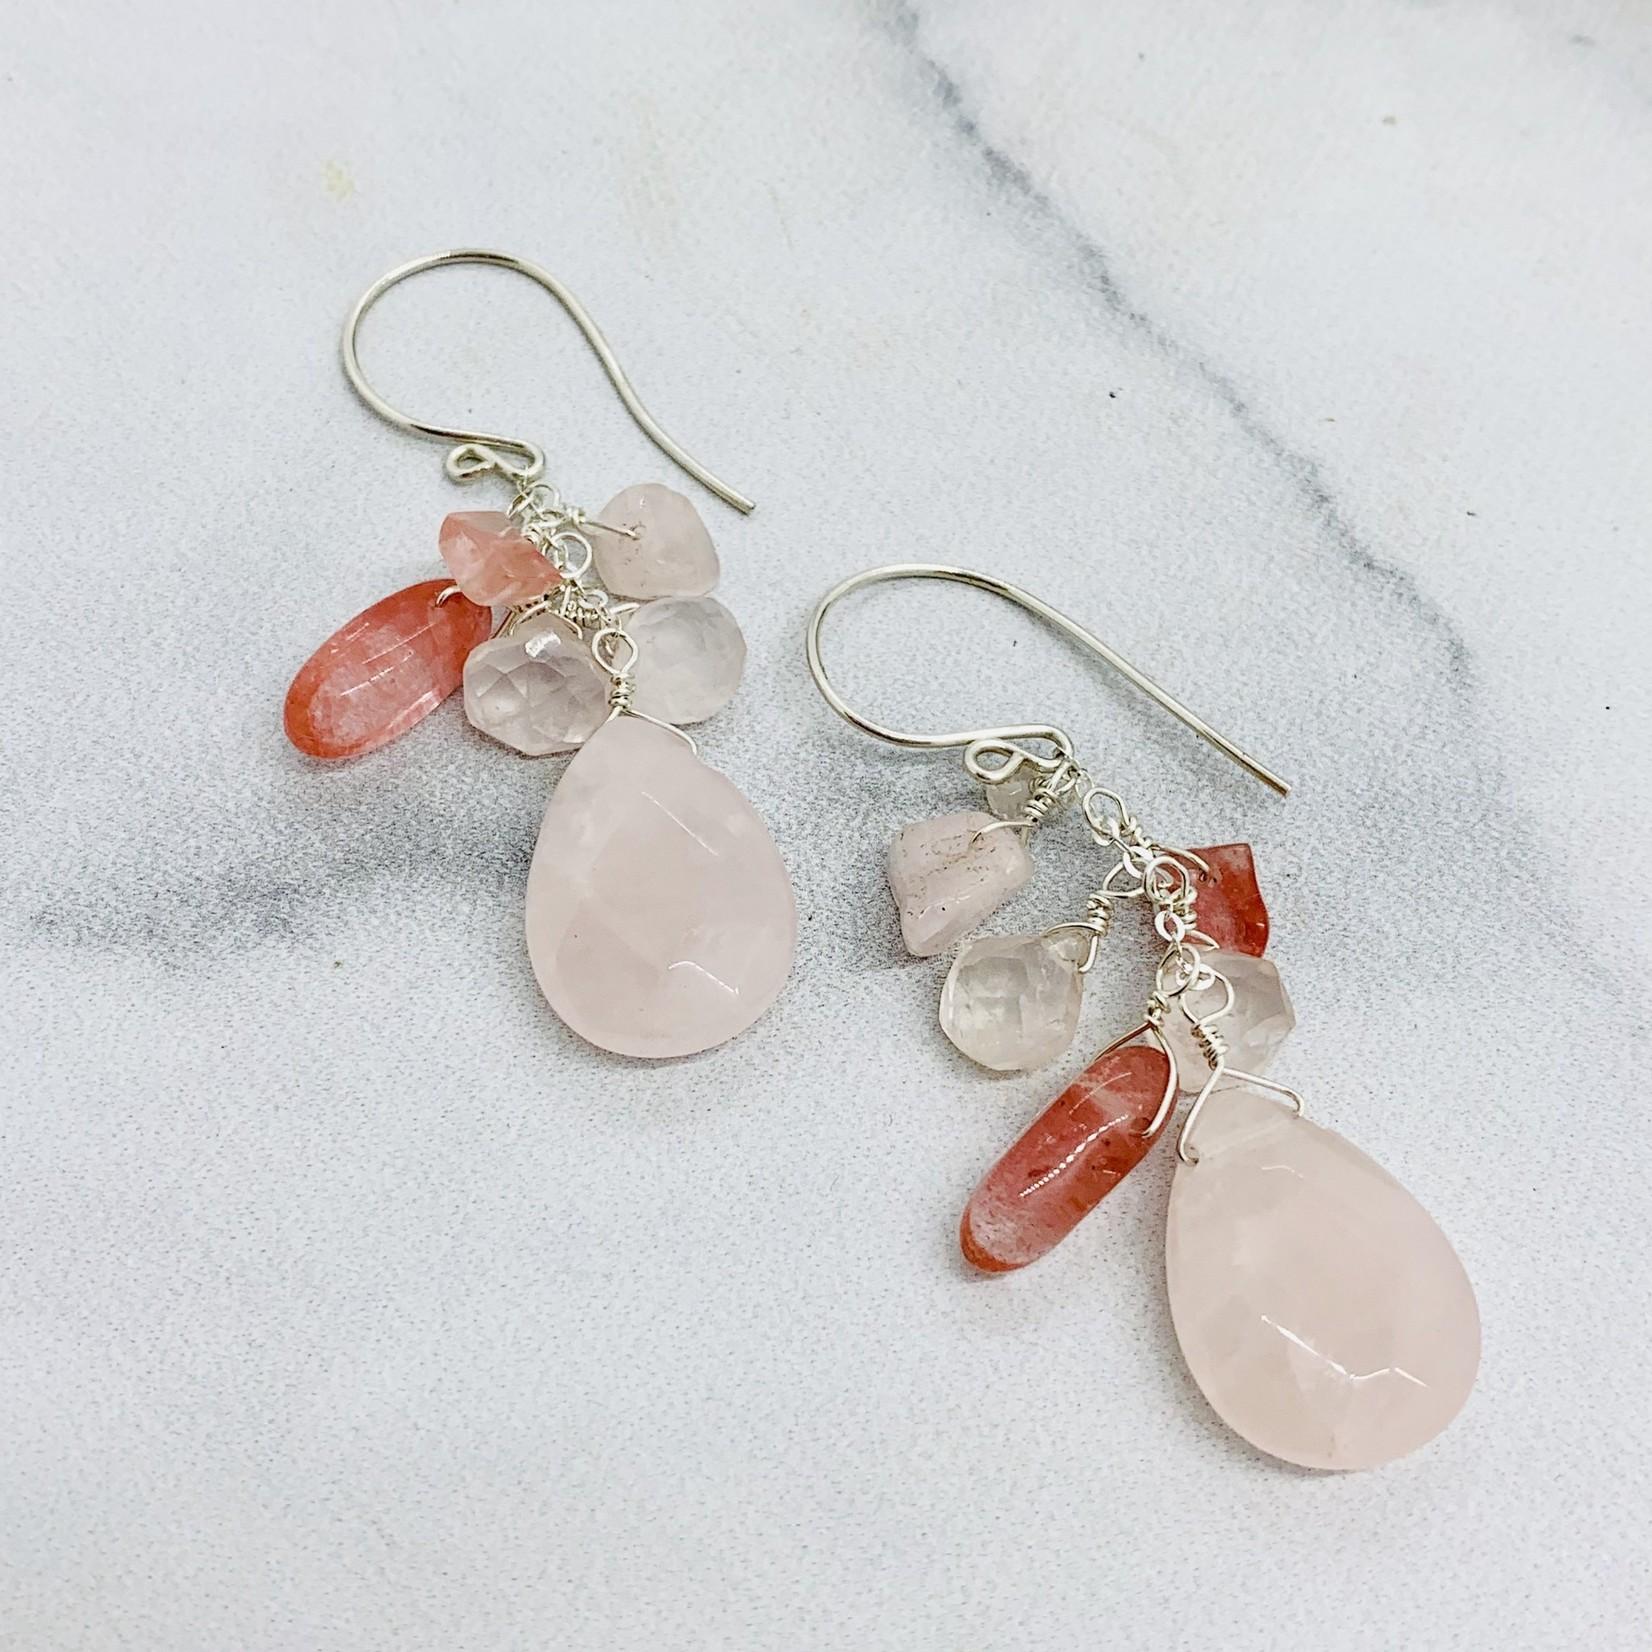 Handmade SS Earrings with Rose Quartz Cascade